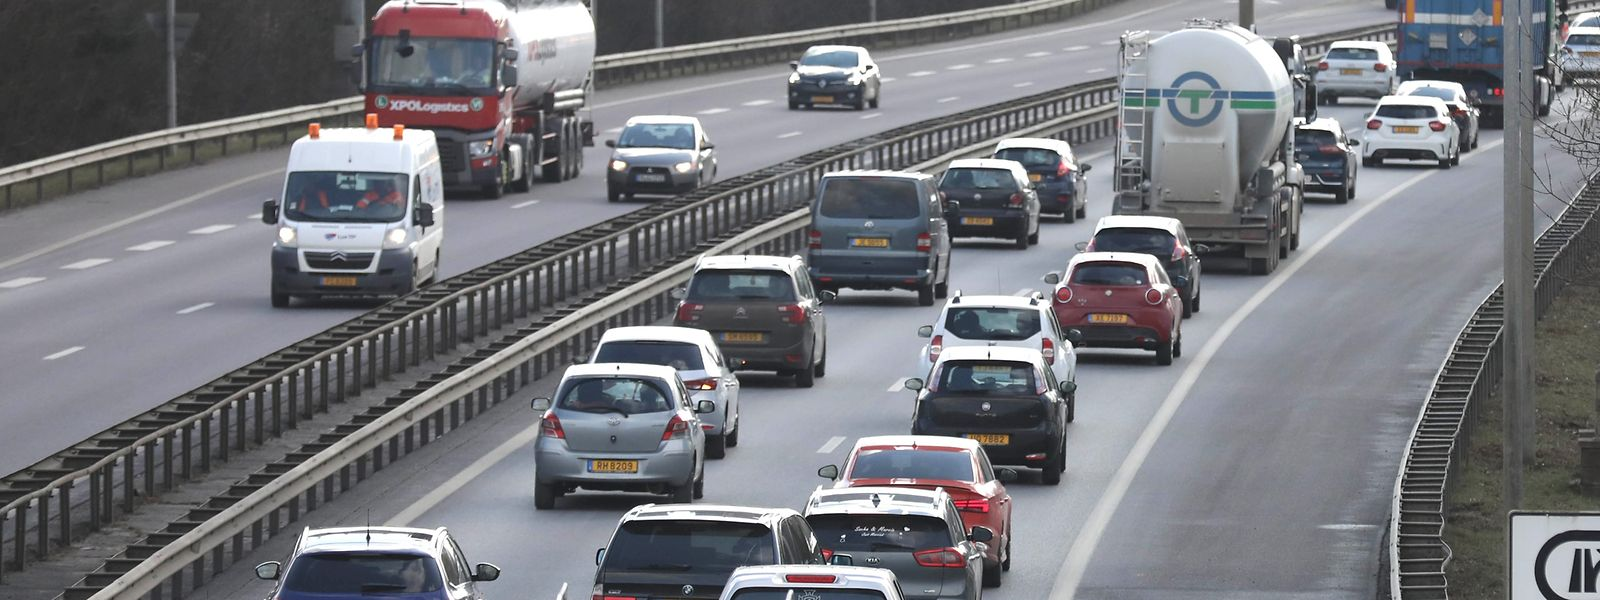 Den Löwenanteil an CO2 erzeugt der Straßenverkehr mit 5,28 Millionen Tonnen; bis 2030 soll dieses Volumen um 57 Prozent reduziert werden.